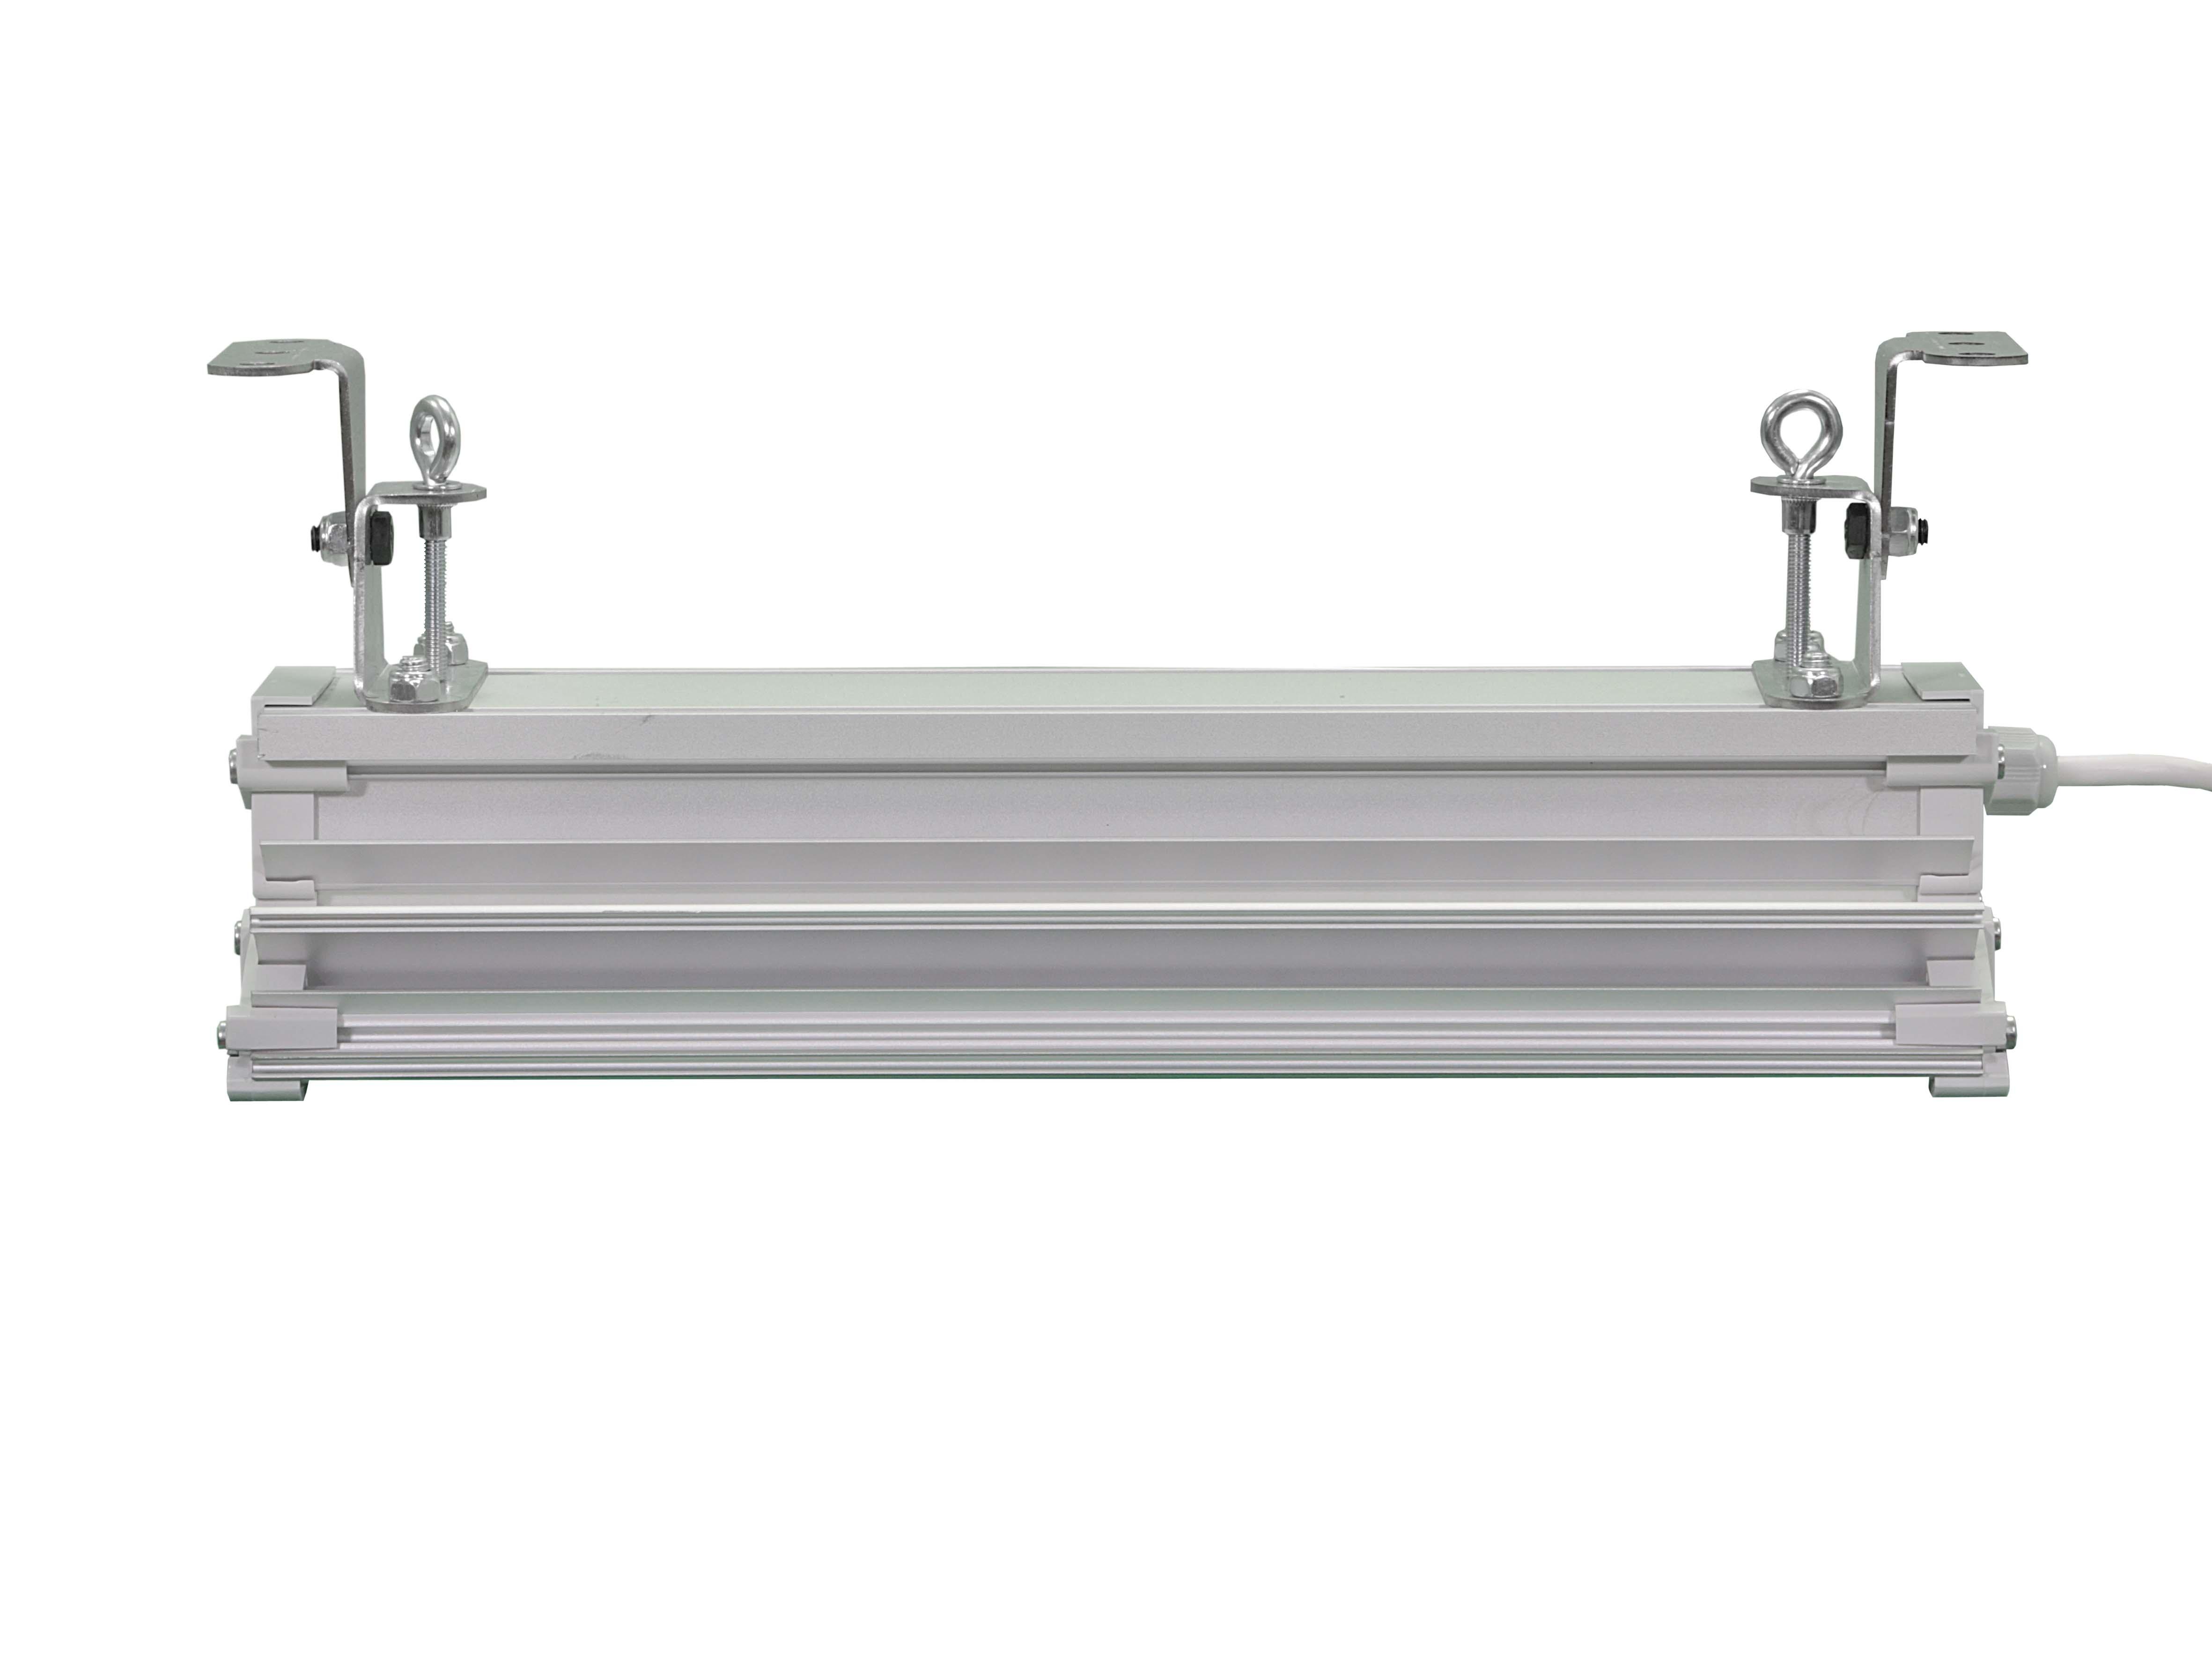 Офисный светодиодный светильник Айсберг Мини Премиум-16 16Вт 2101Лм